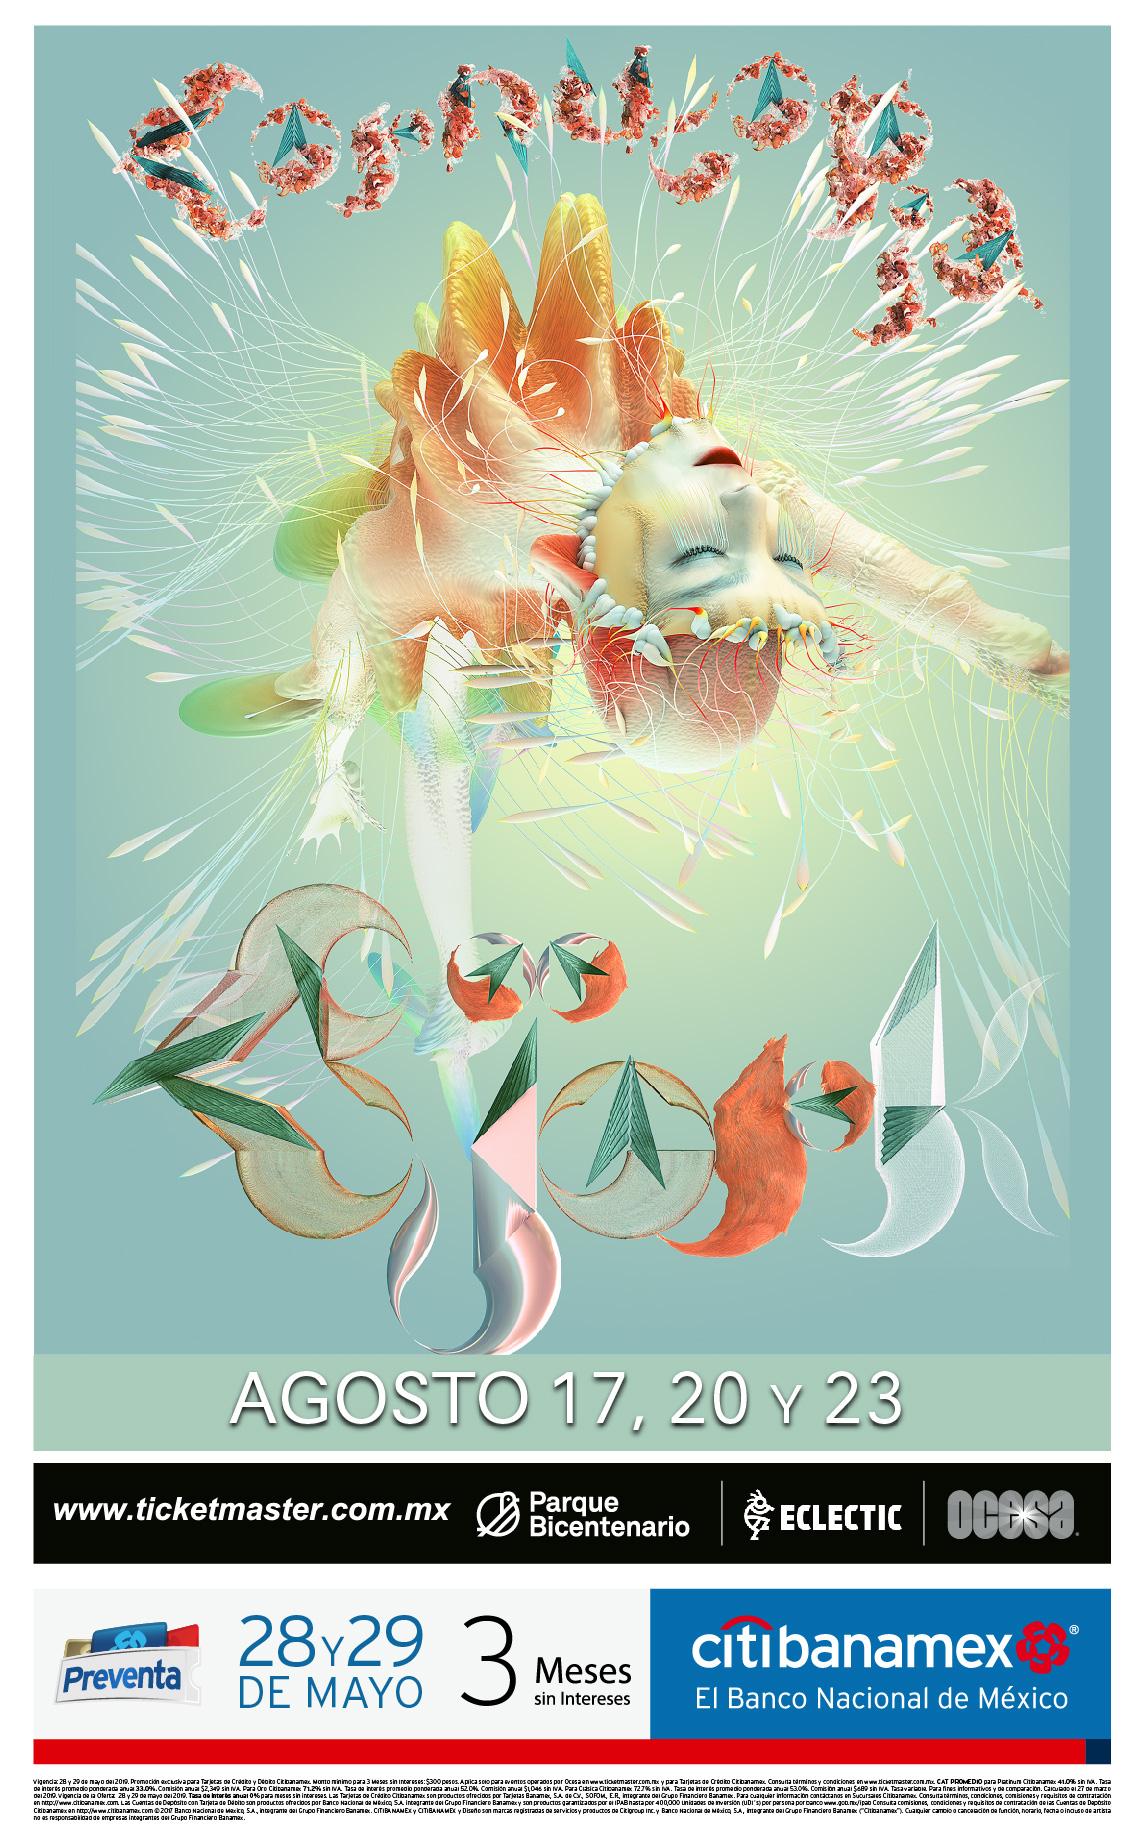 ¡Björk regresará a México para promocionar 'Cornucopia' con 3 conciertos!